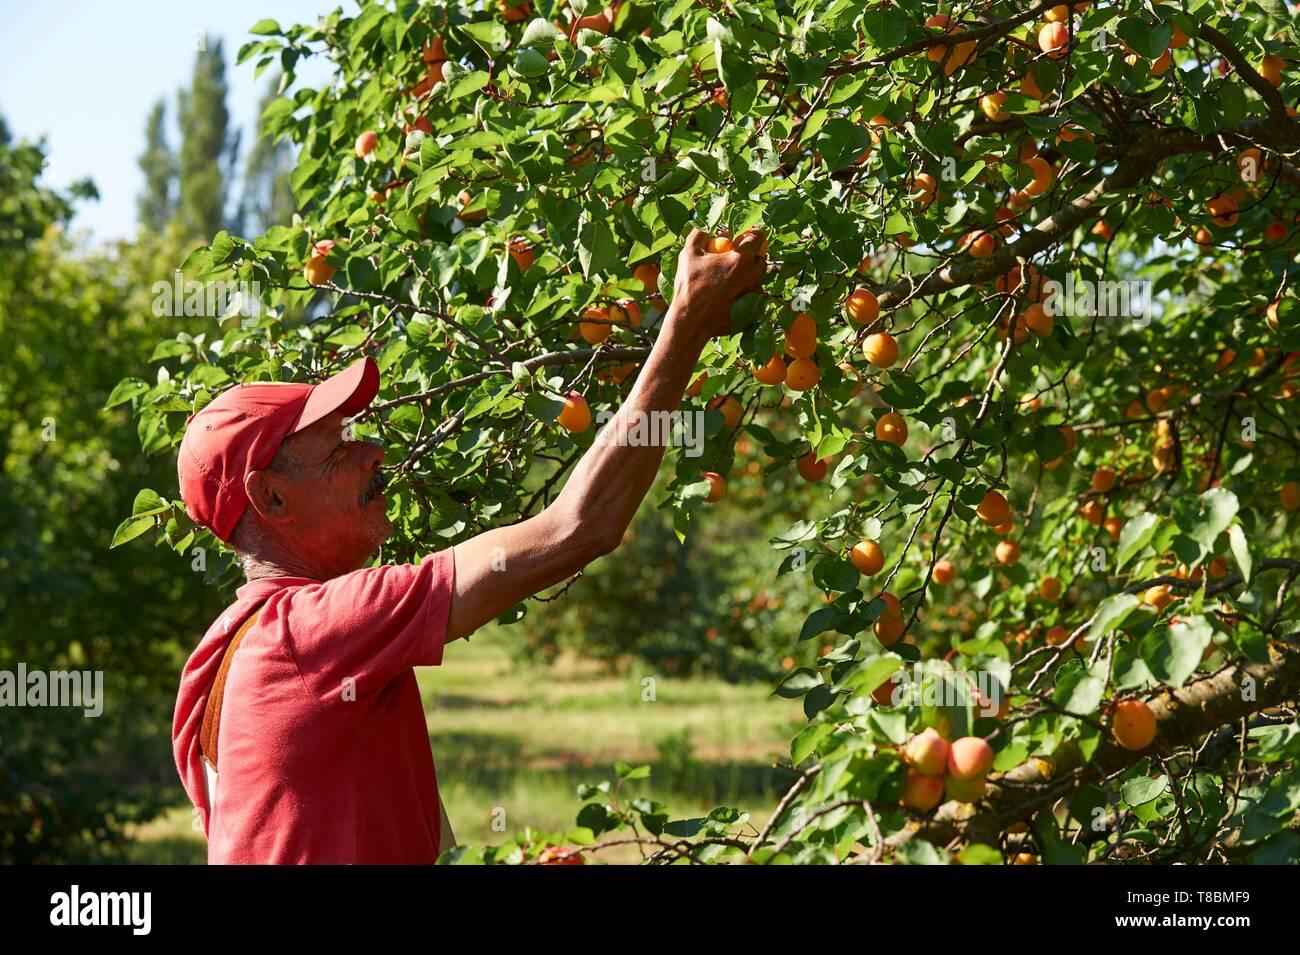 Claira Stock Photos & Claira Stock Images - Alamy